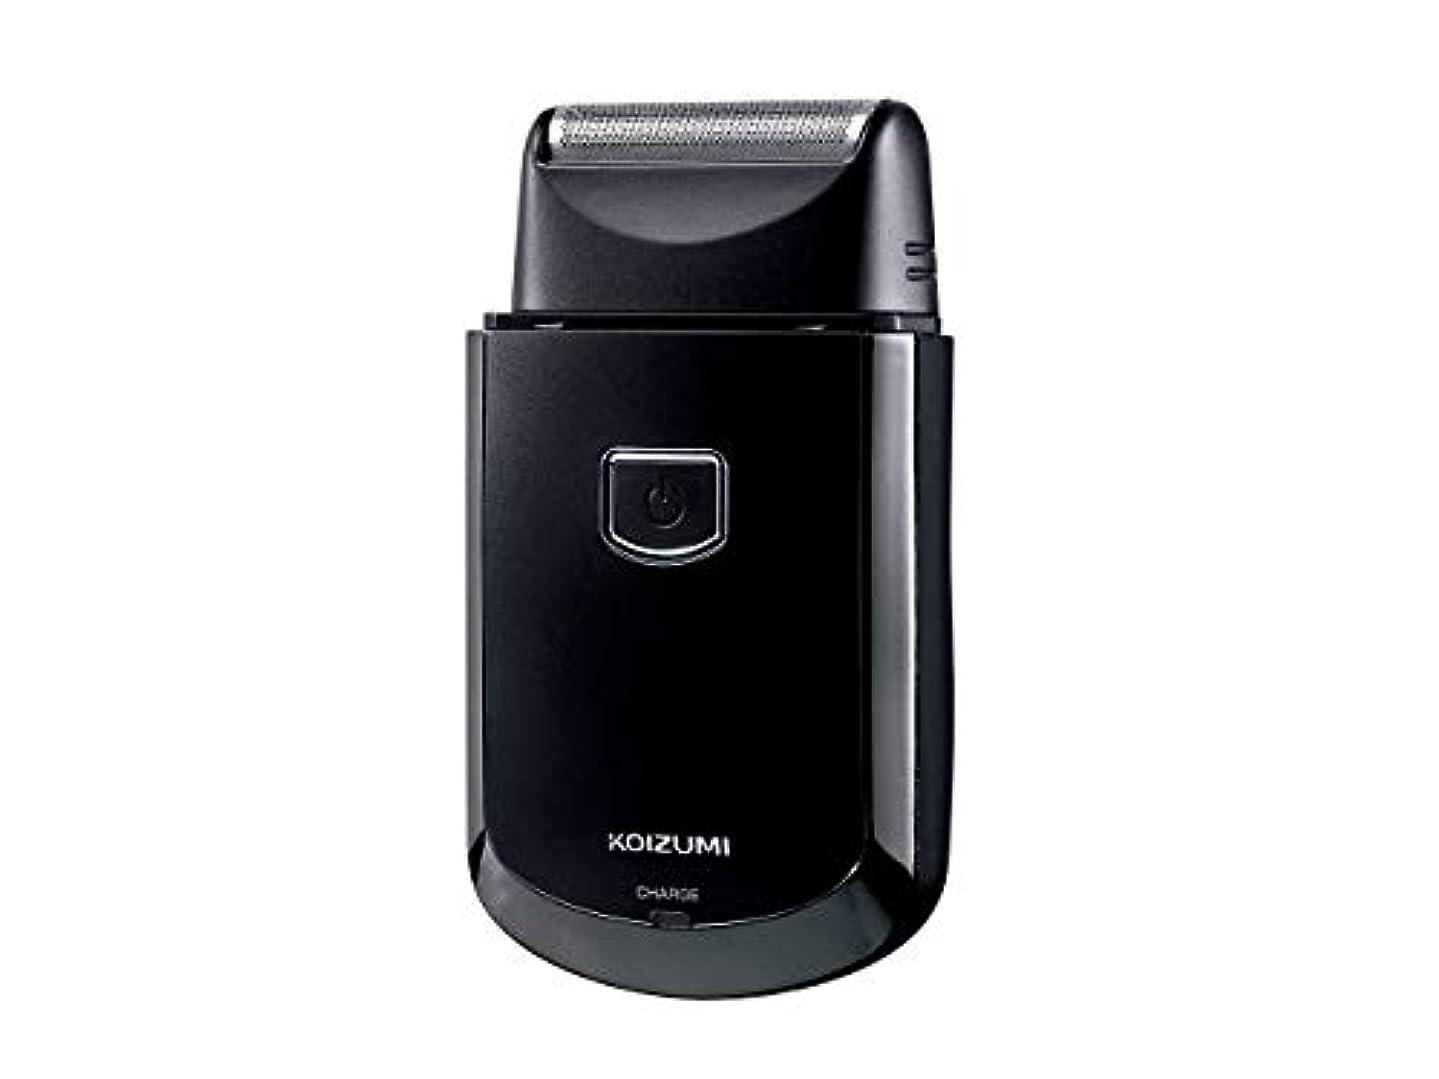 島わかる恐ろしいコイズミ メンズシェーバー USB充電式 往復式 ブラック KMC-0700/K